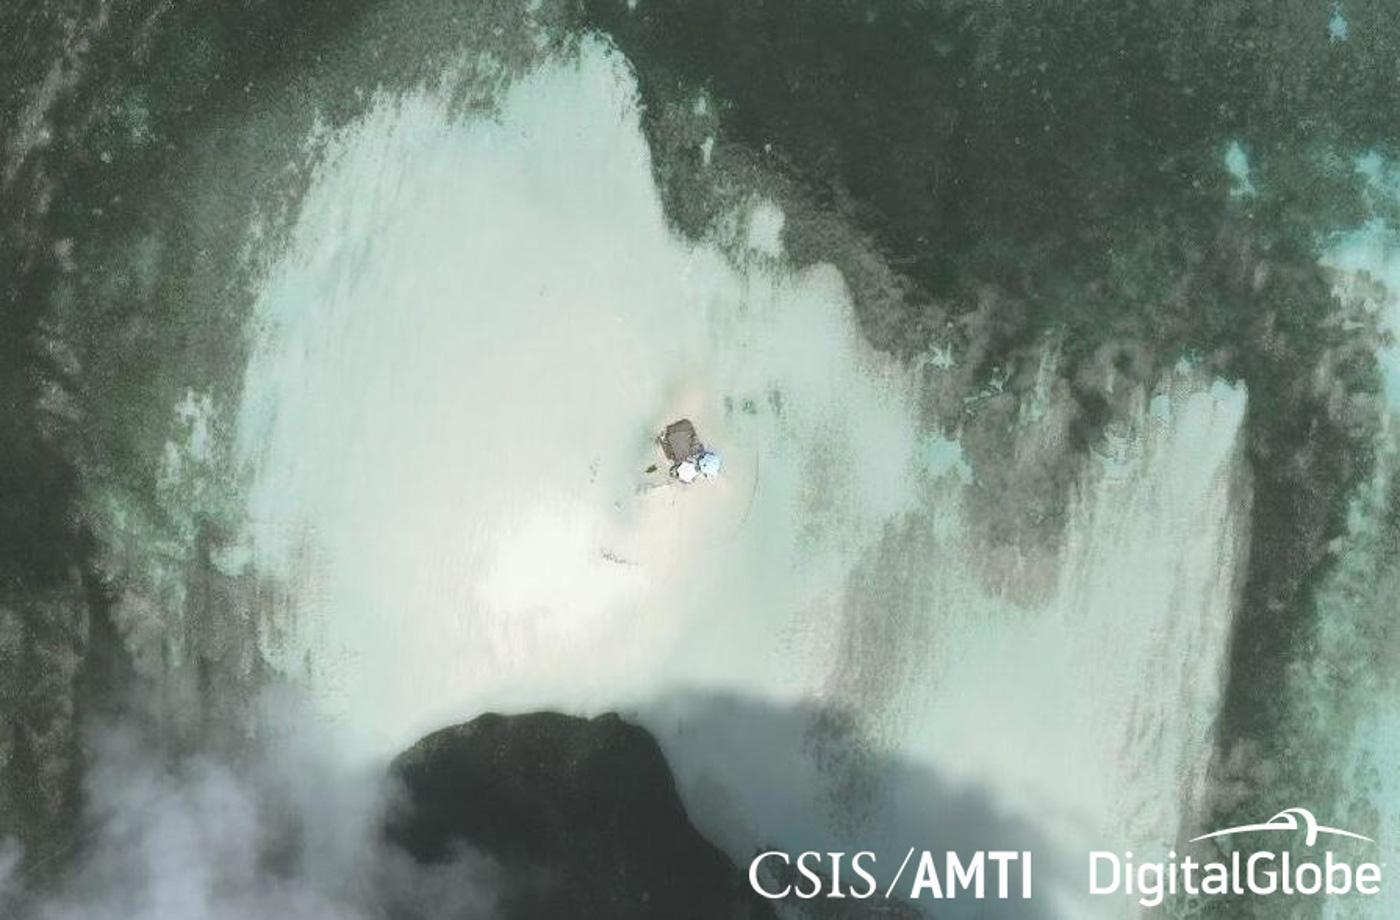 Photo from CSIS/AMTI/DigitalGlobe